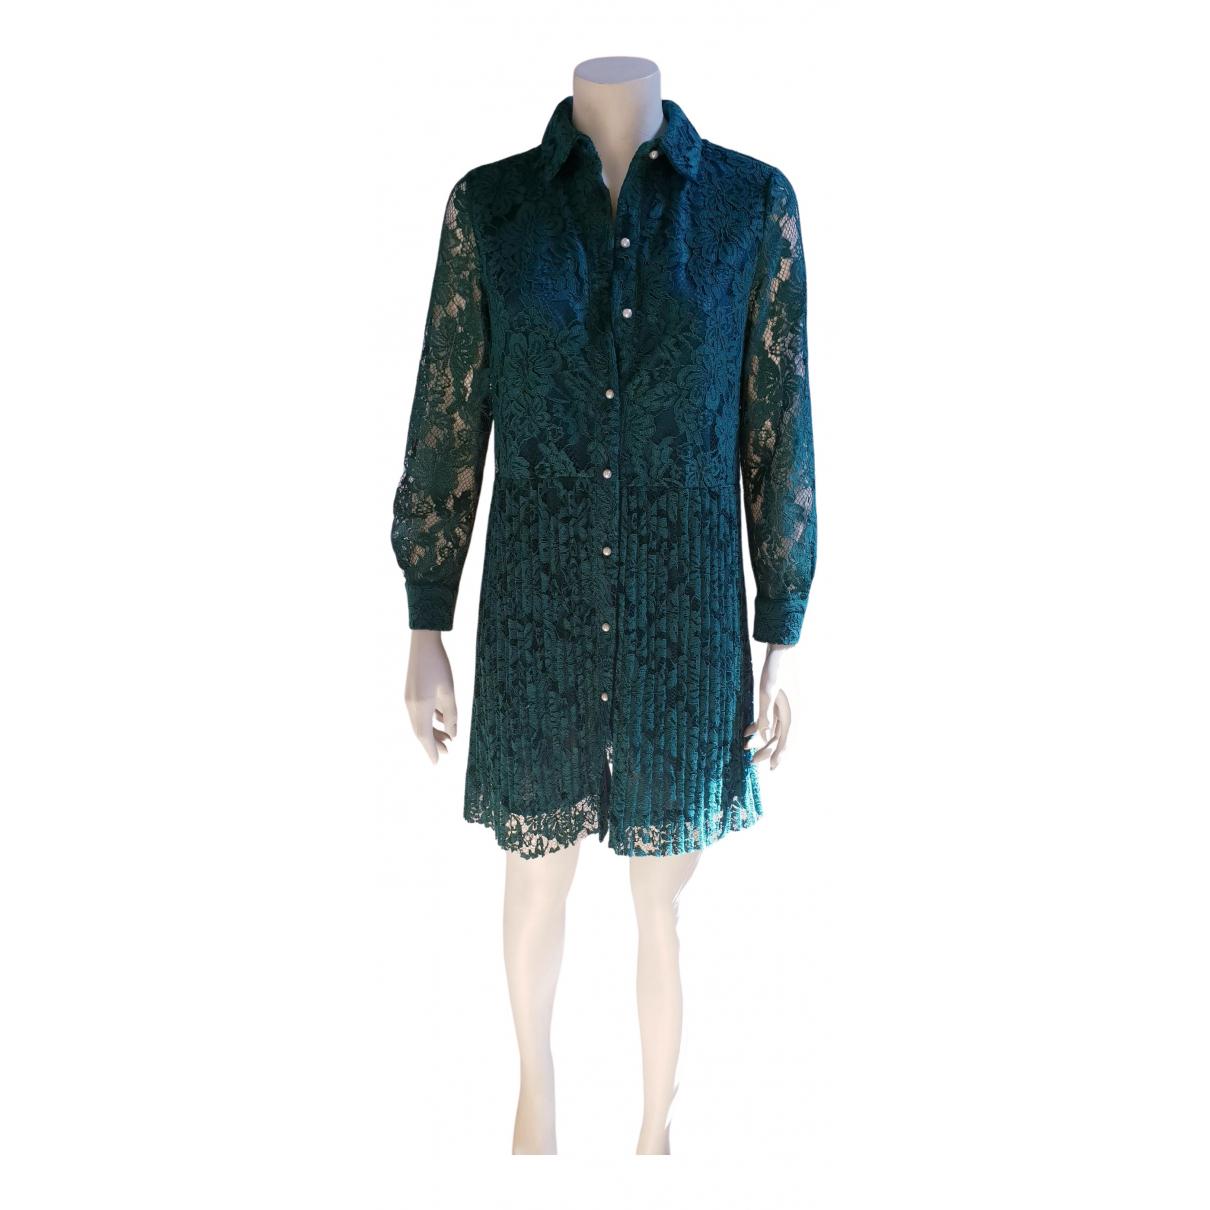 Zara \N Green Lace dress for Women S International